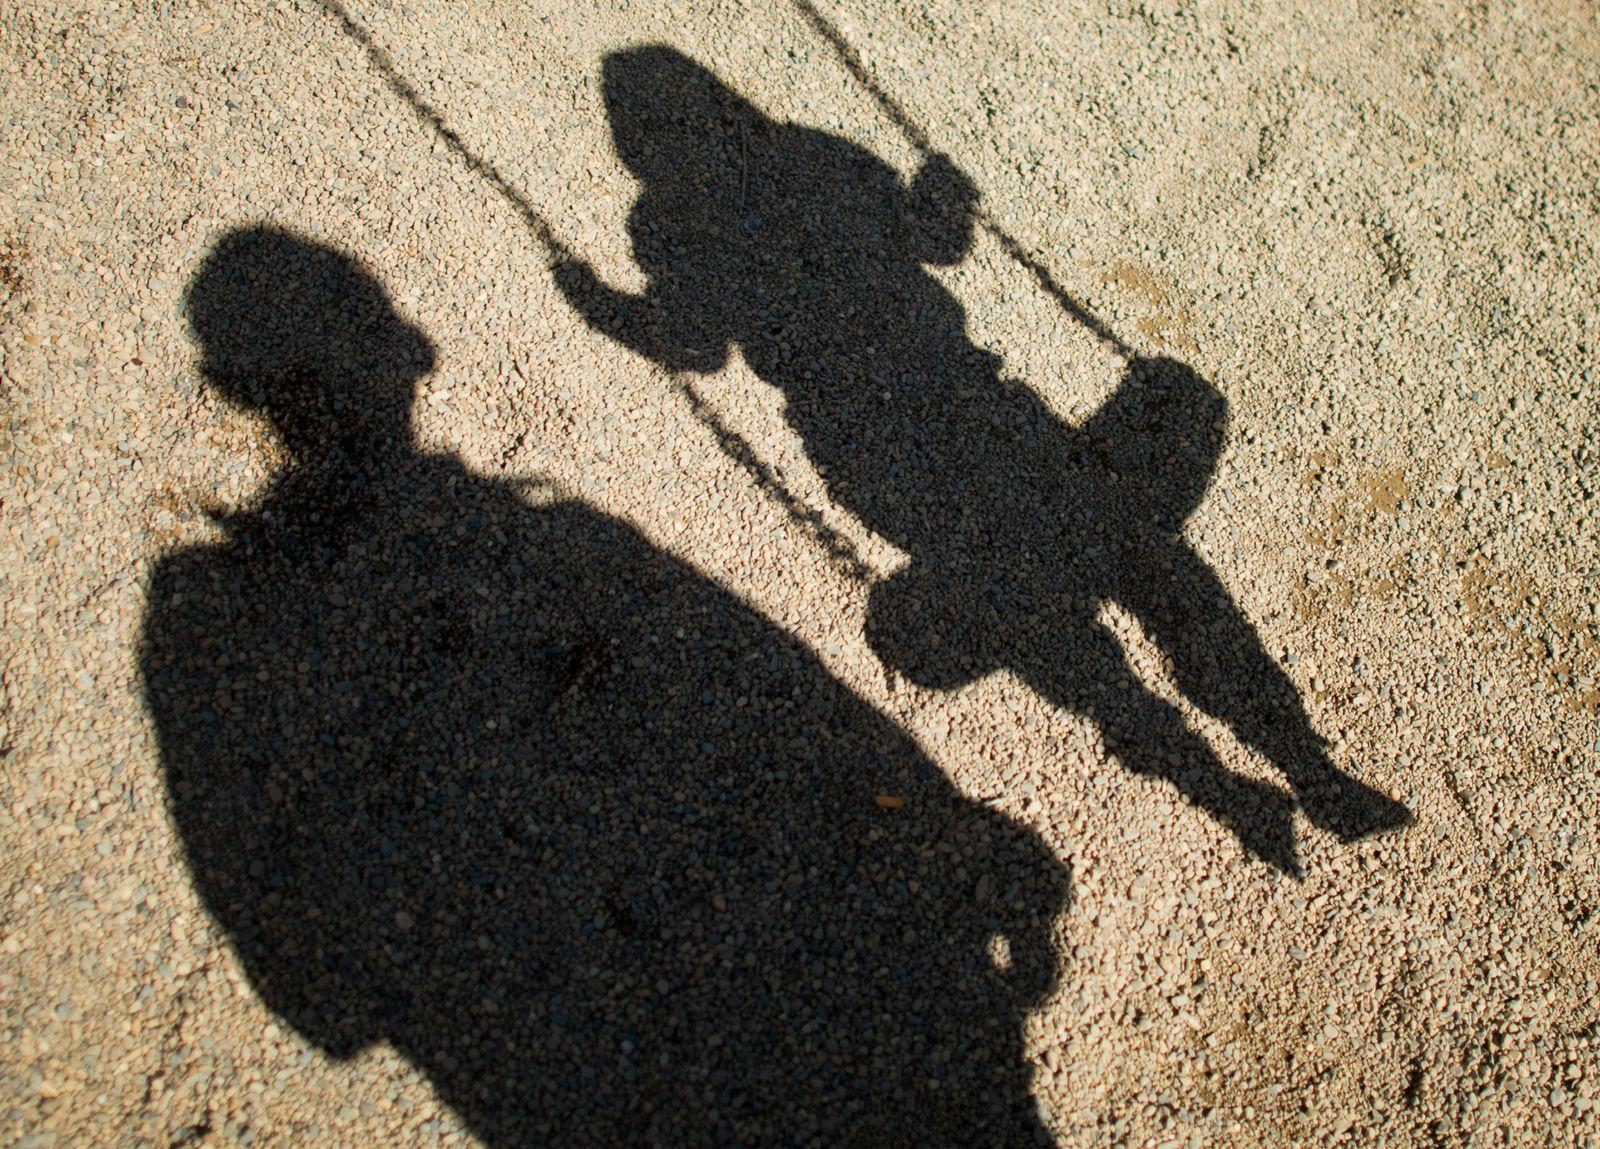 Kindesmissbrauch/Kriminalstatistik